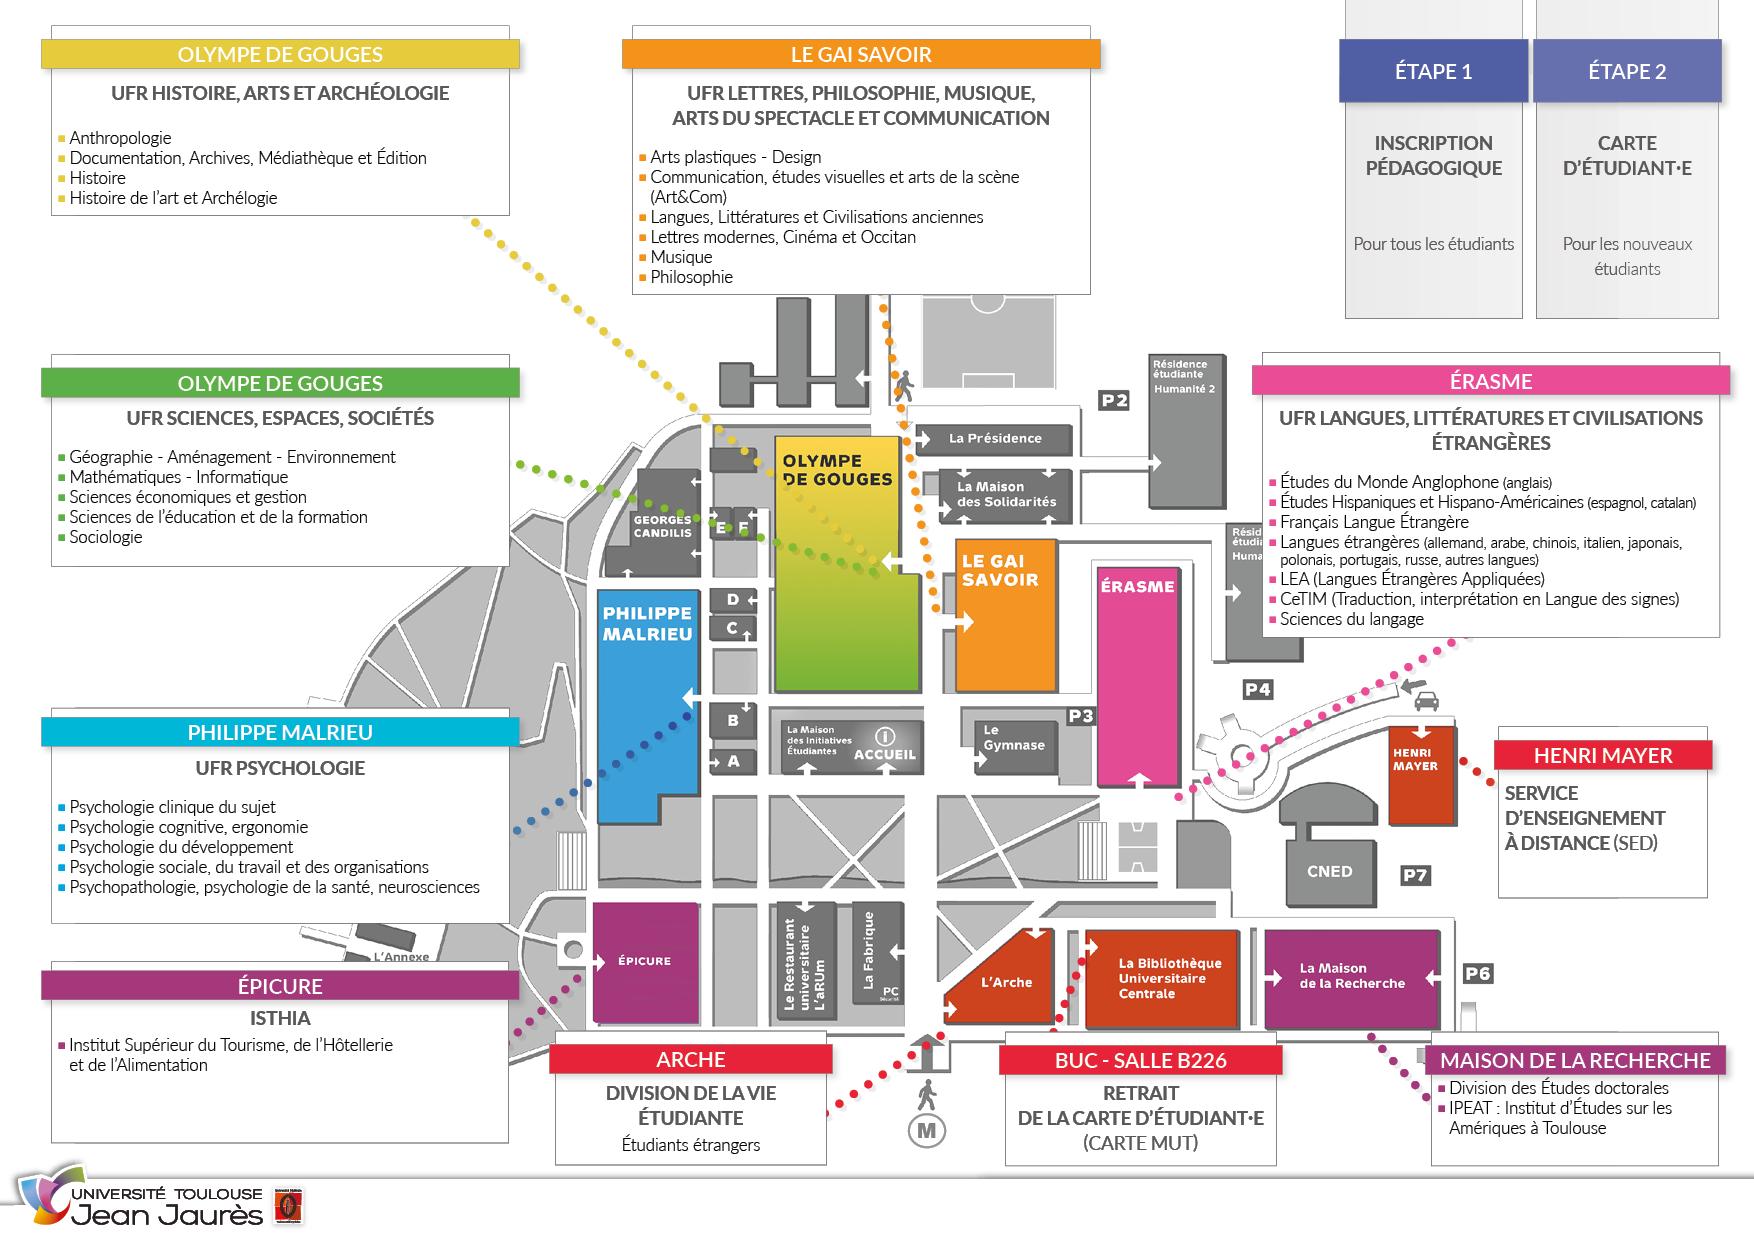 Plan des lieux d'inscription